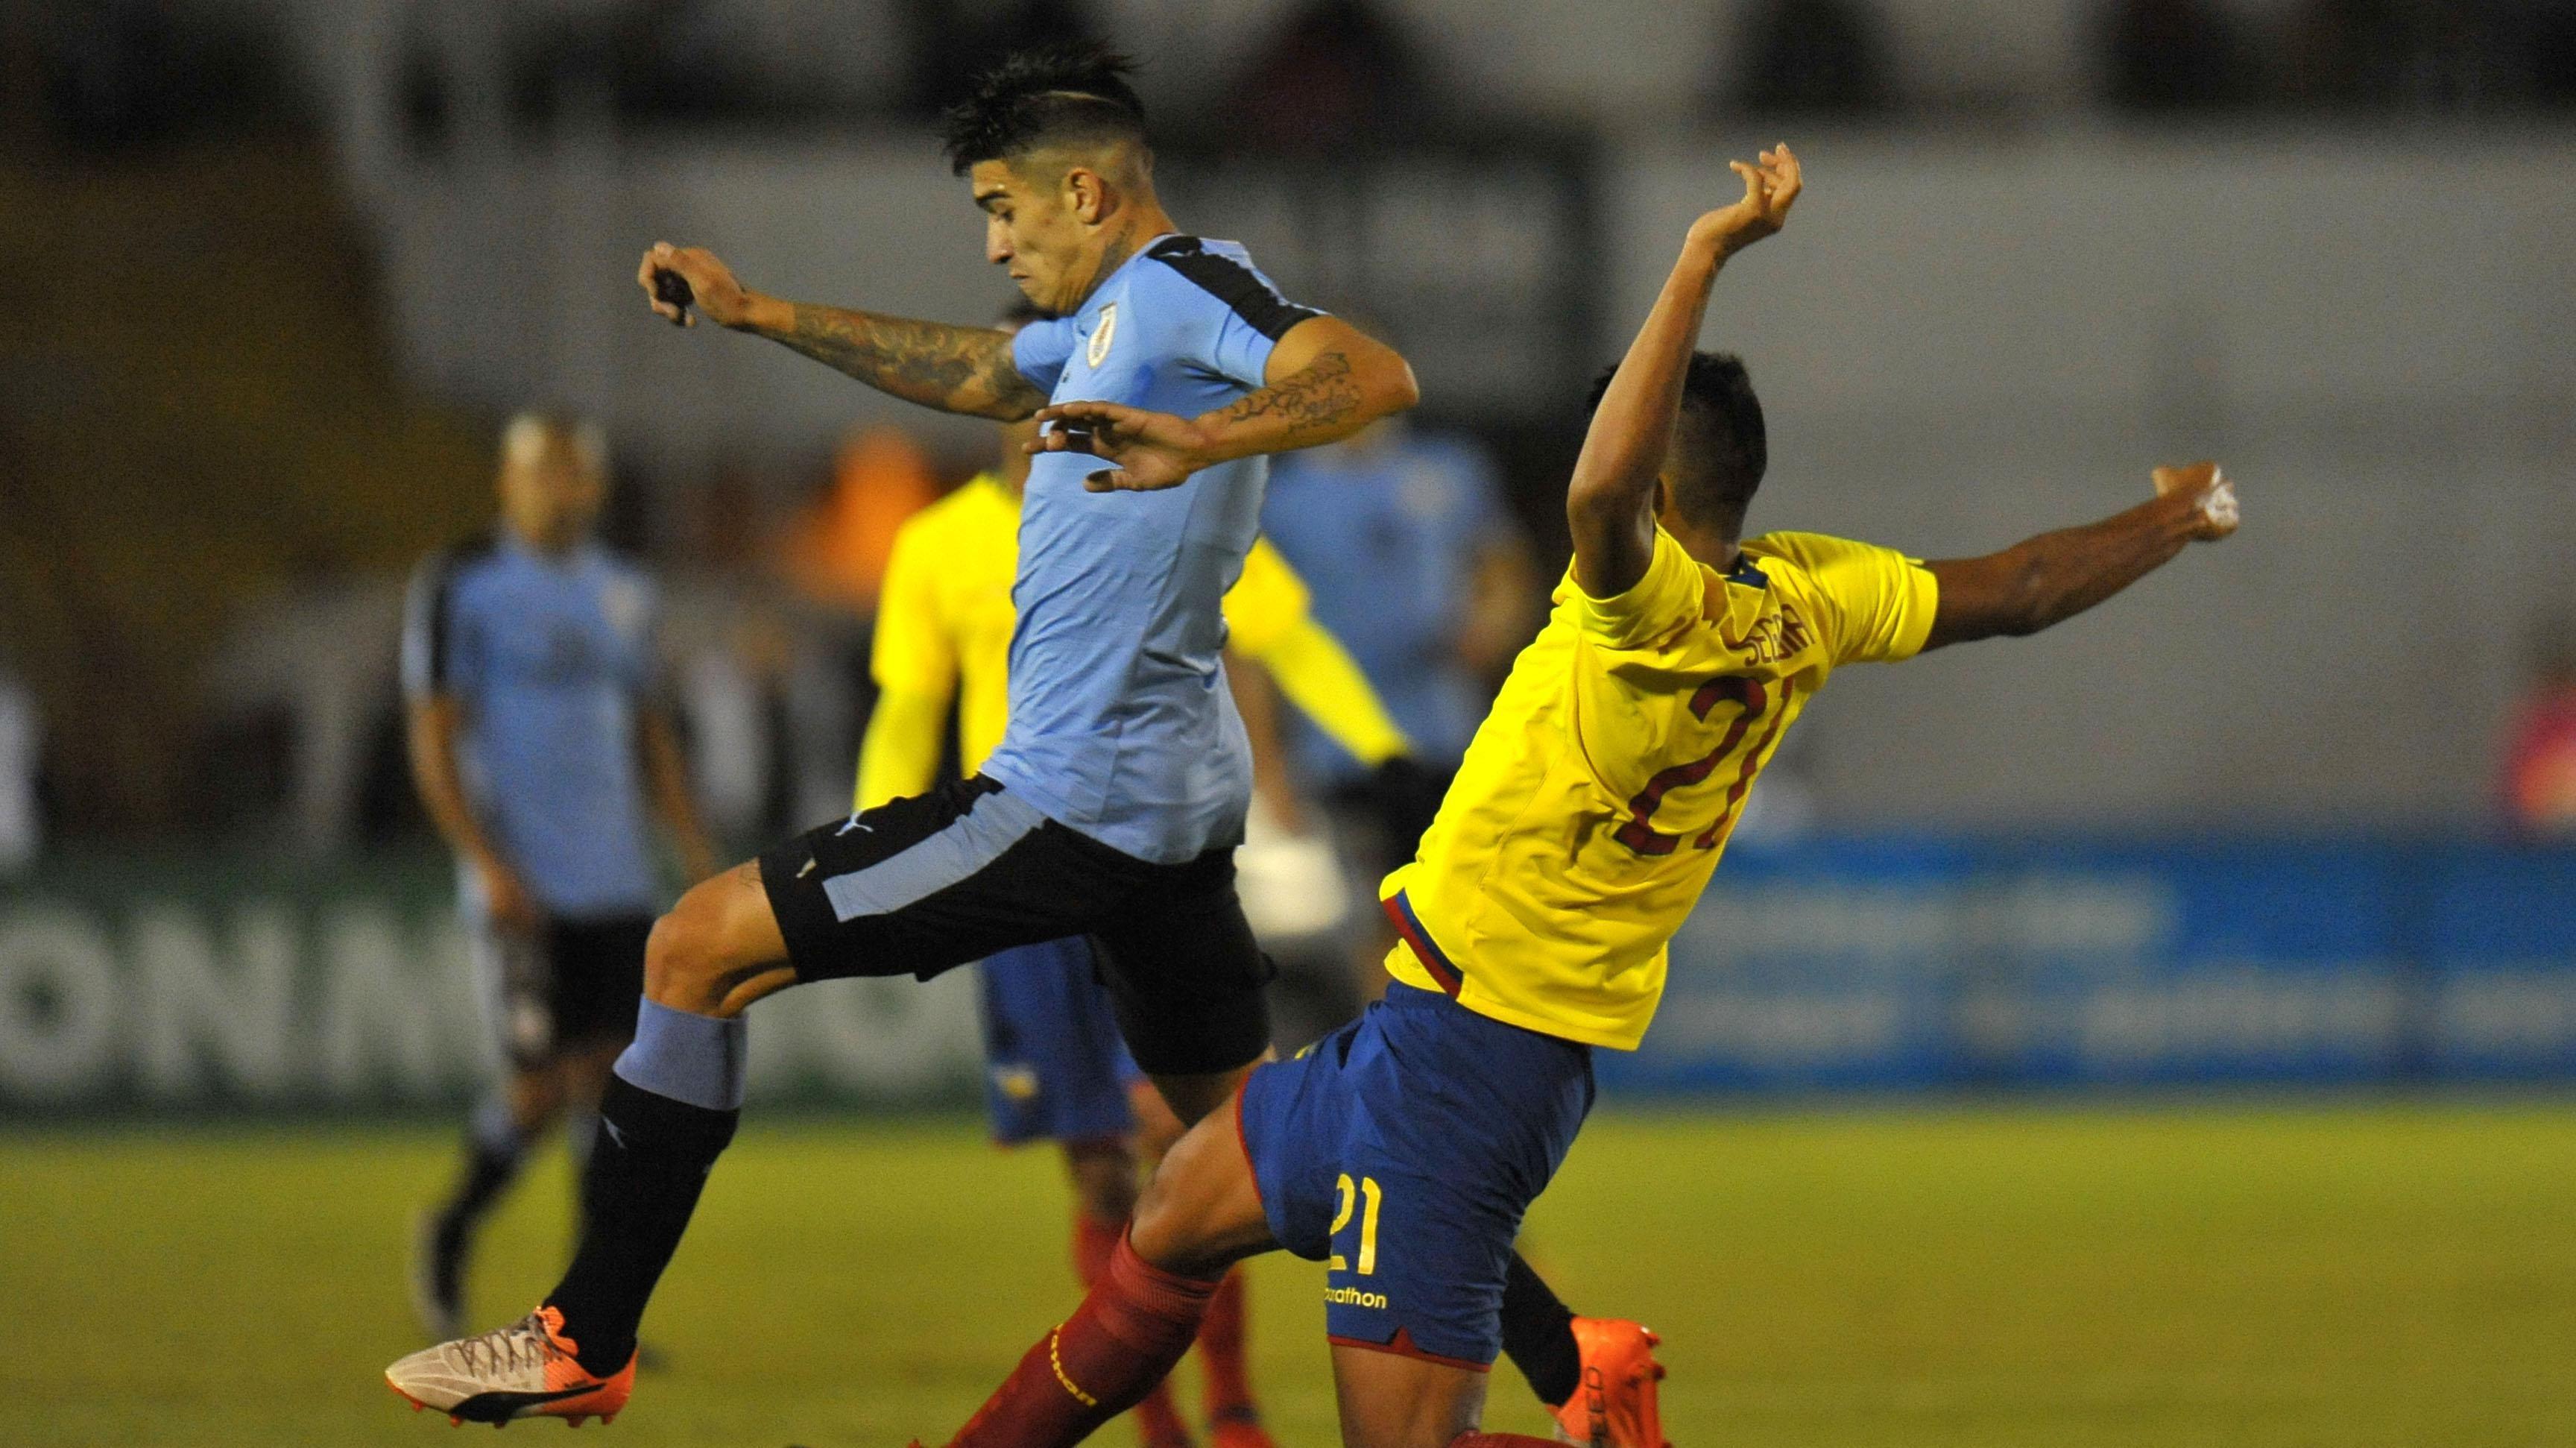 Llegó la Sub-20 campeona del Sudamericano en Ecuador